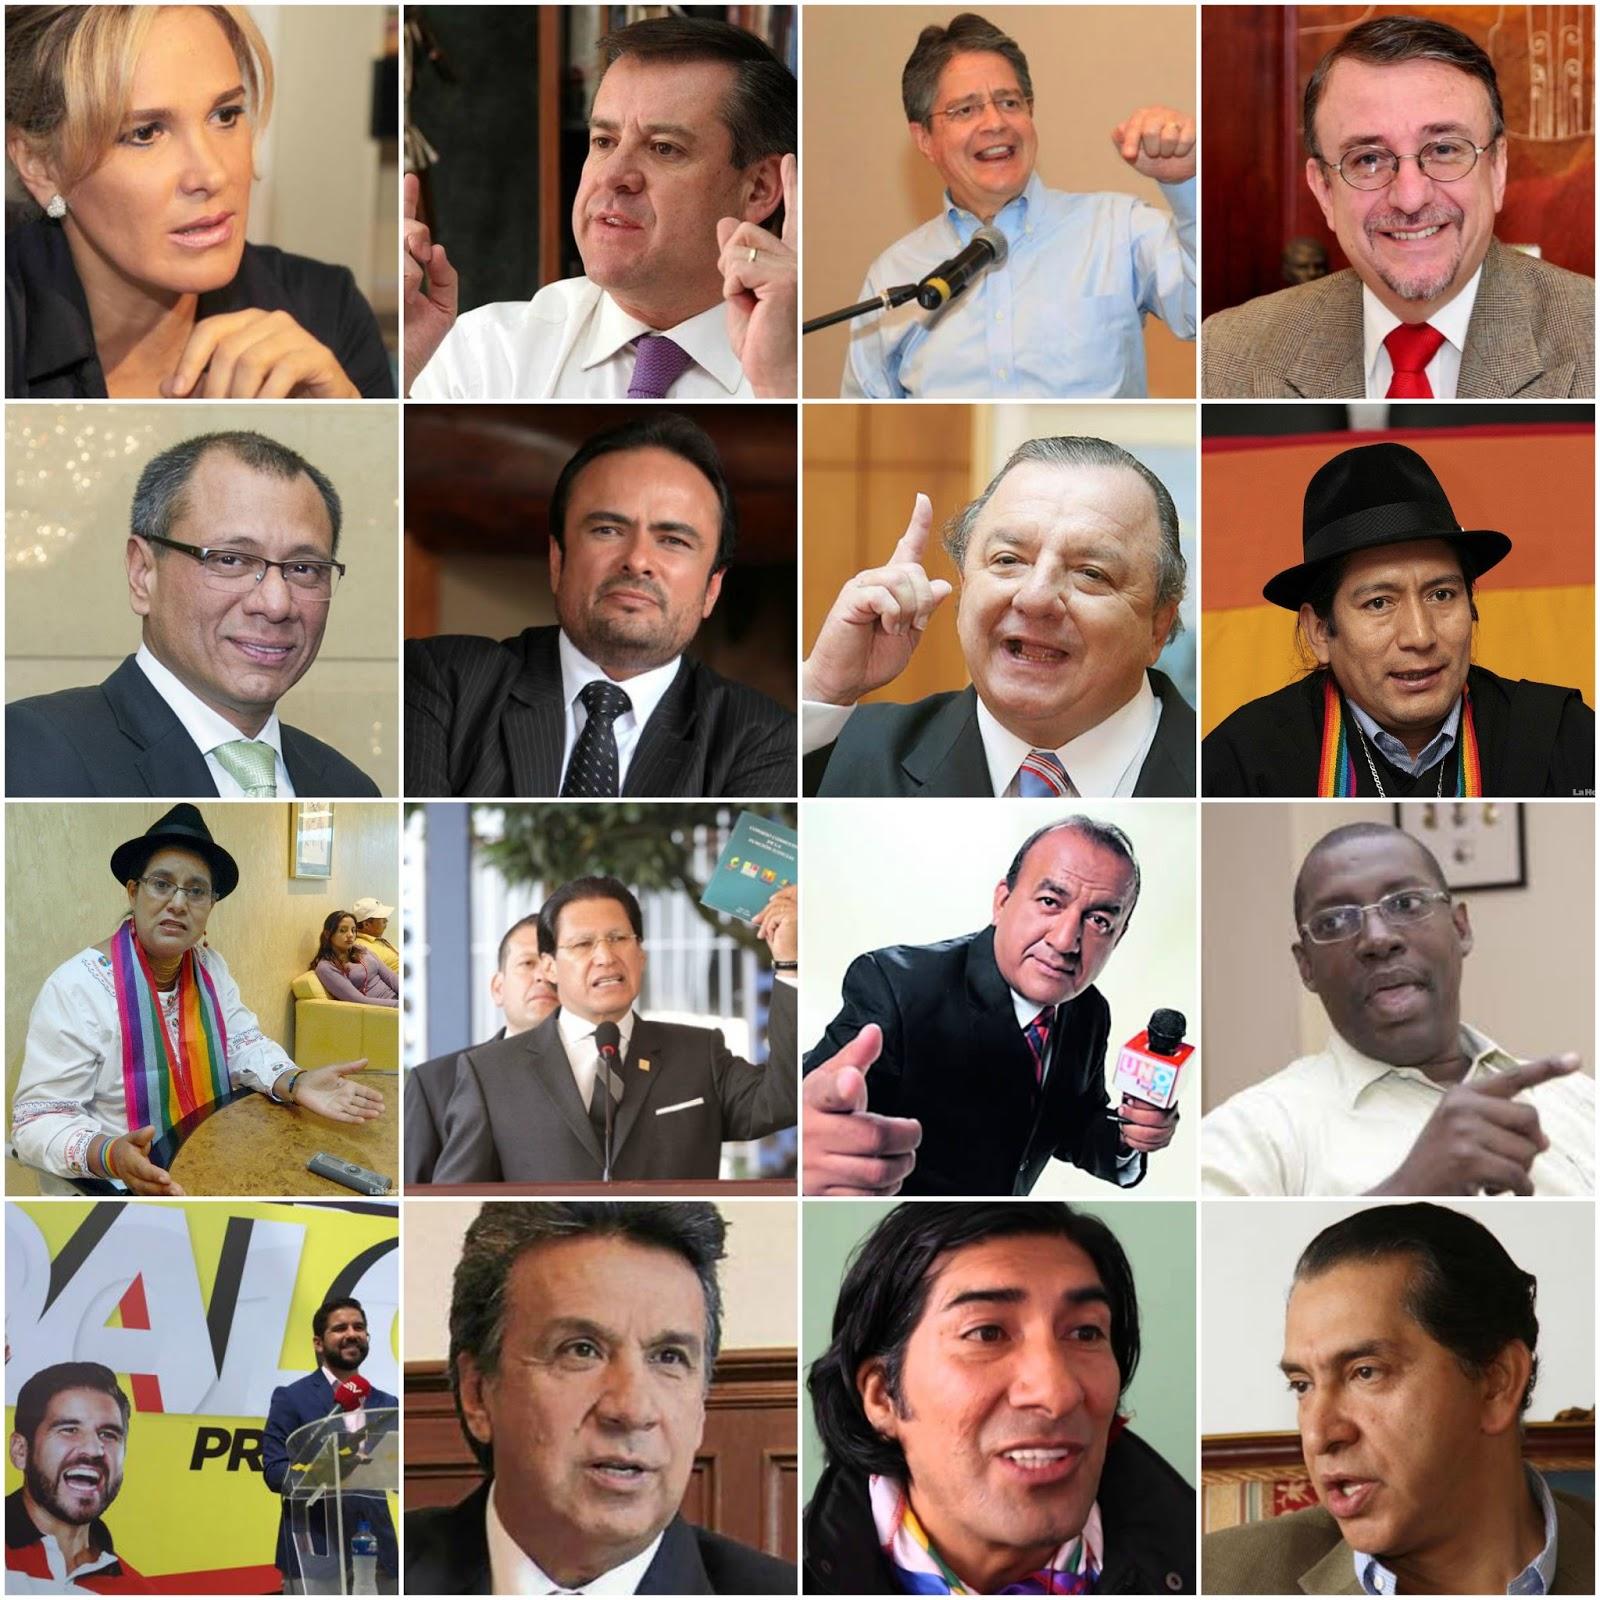 candidatos-presidencia-ecuador-ecuadortimes